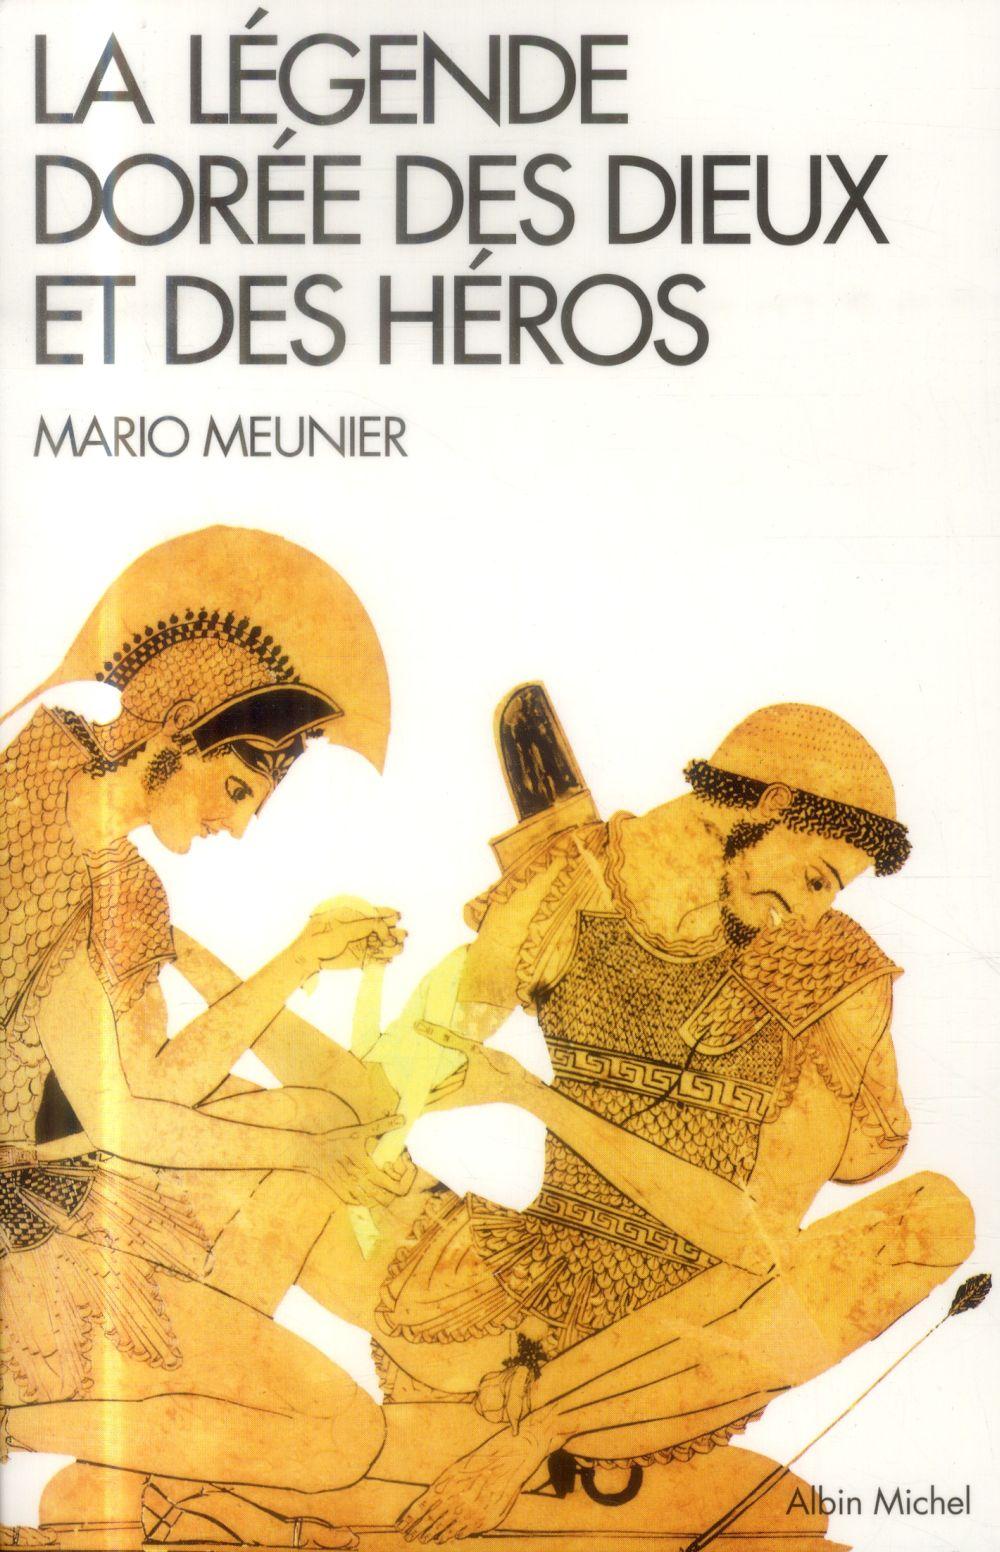 Meunier Mario - LA LEGENDE DOREE DES DIEUX ET DES HEROS - NOUVELLE MYTHOLOGIE CLASSIQUE